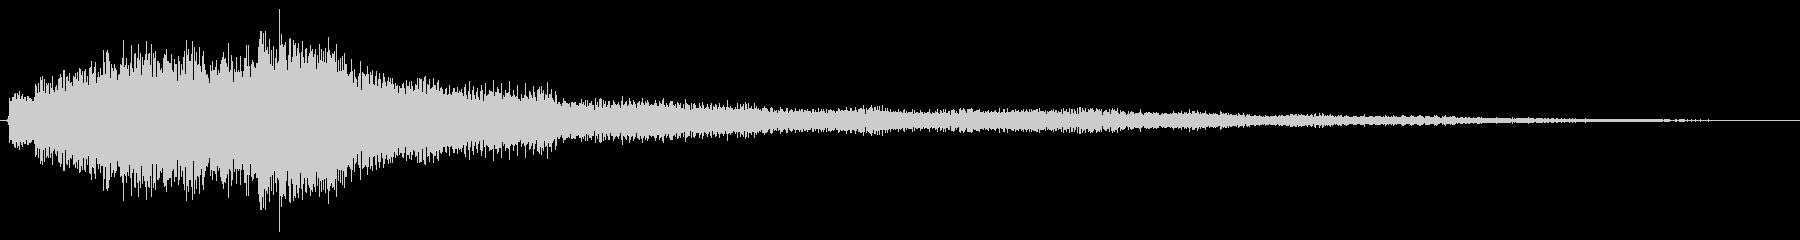 透明感のあるピアノで上昇系サウンドロゴの未再生の波形